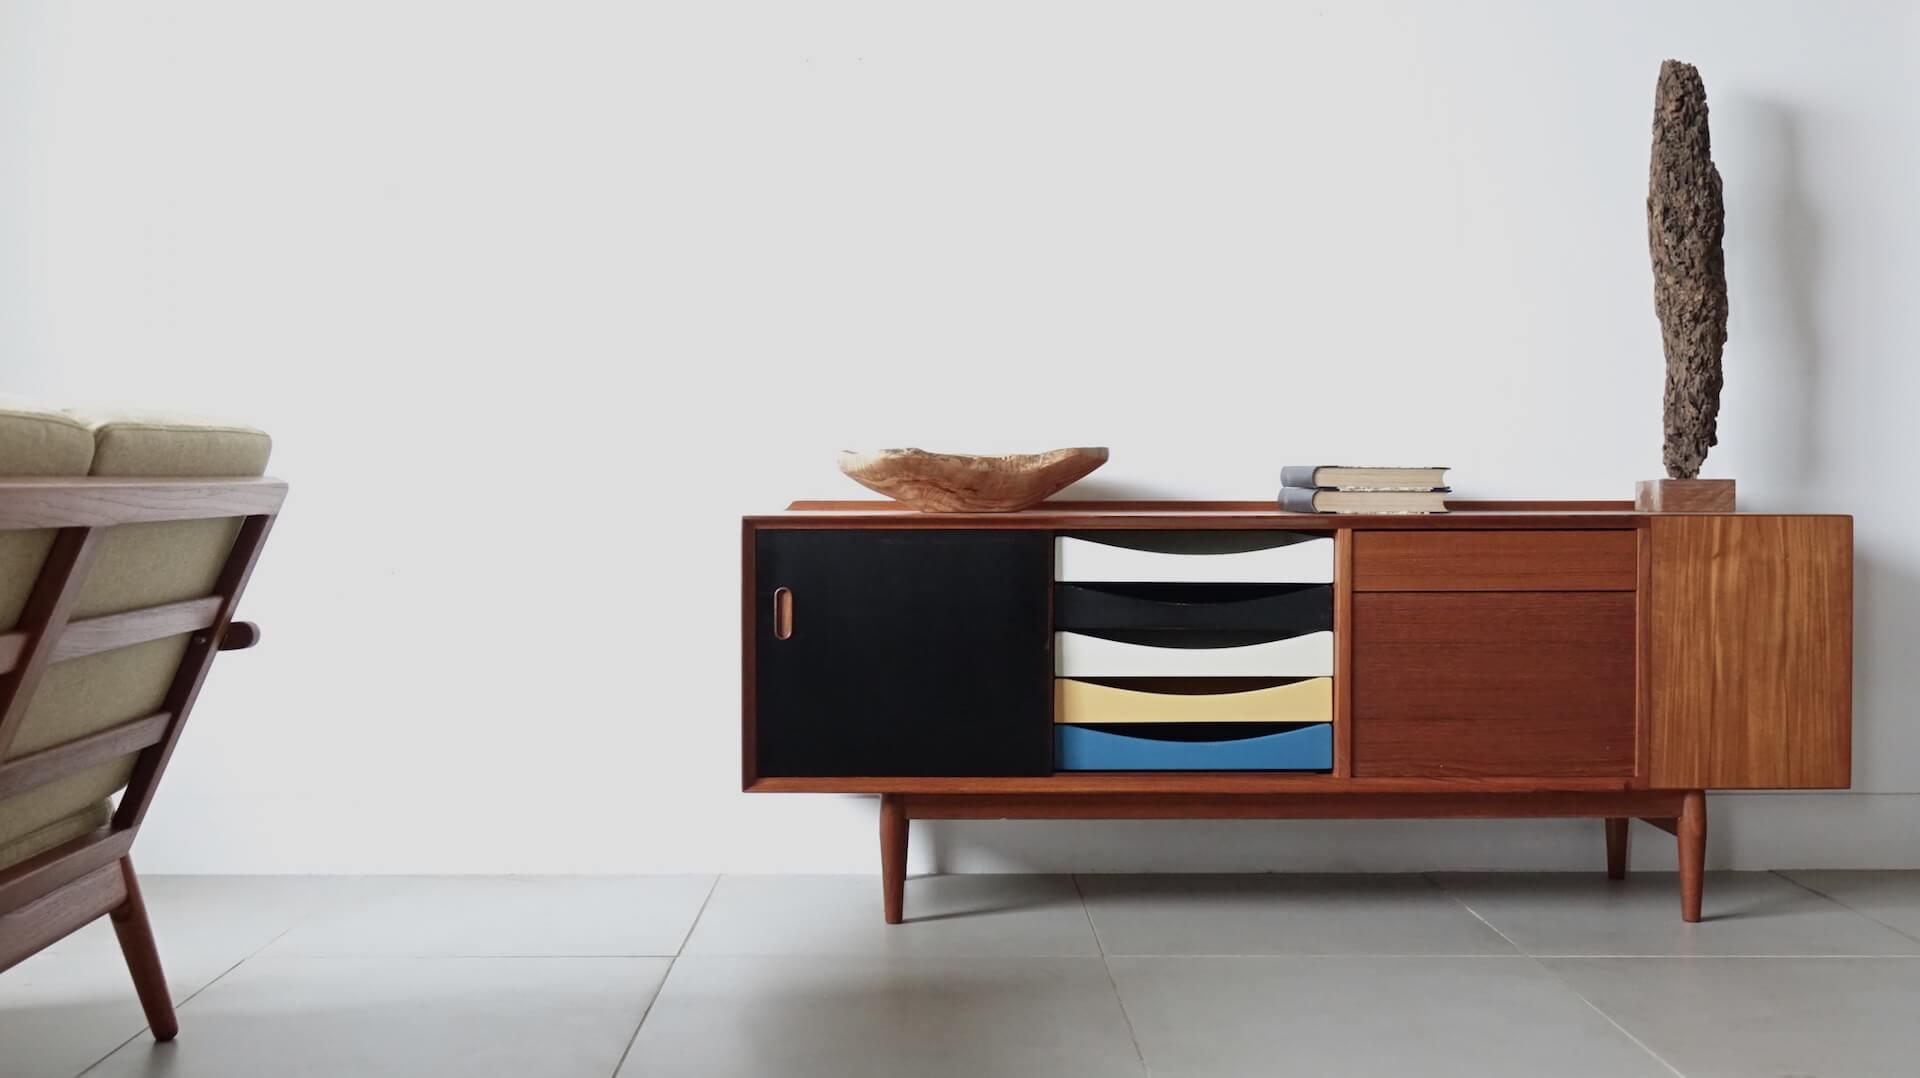 Sideboard by Arne Vodder for Sibast Furniture